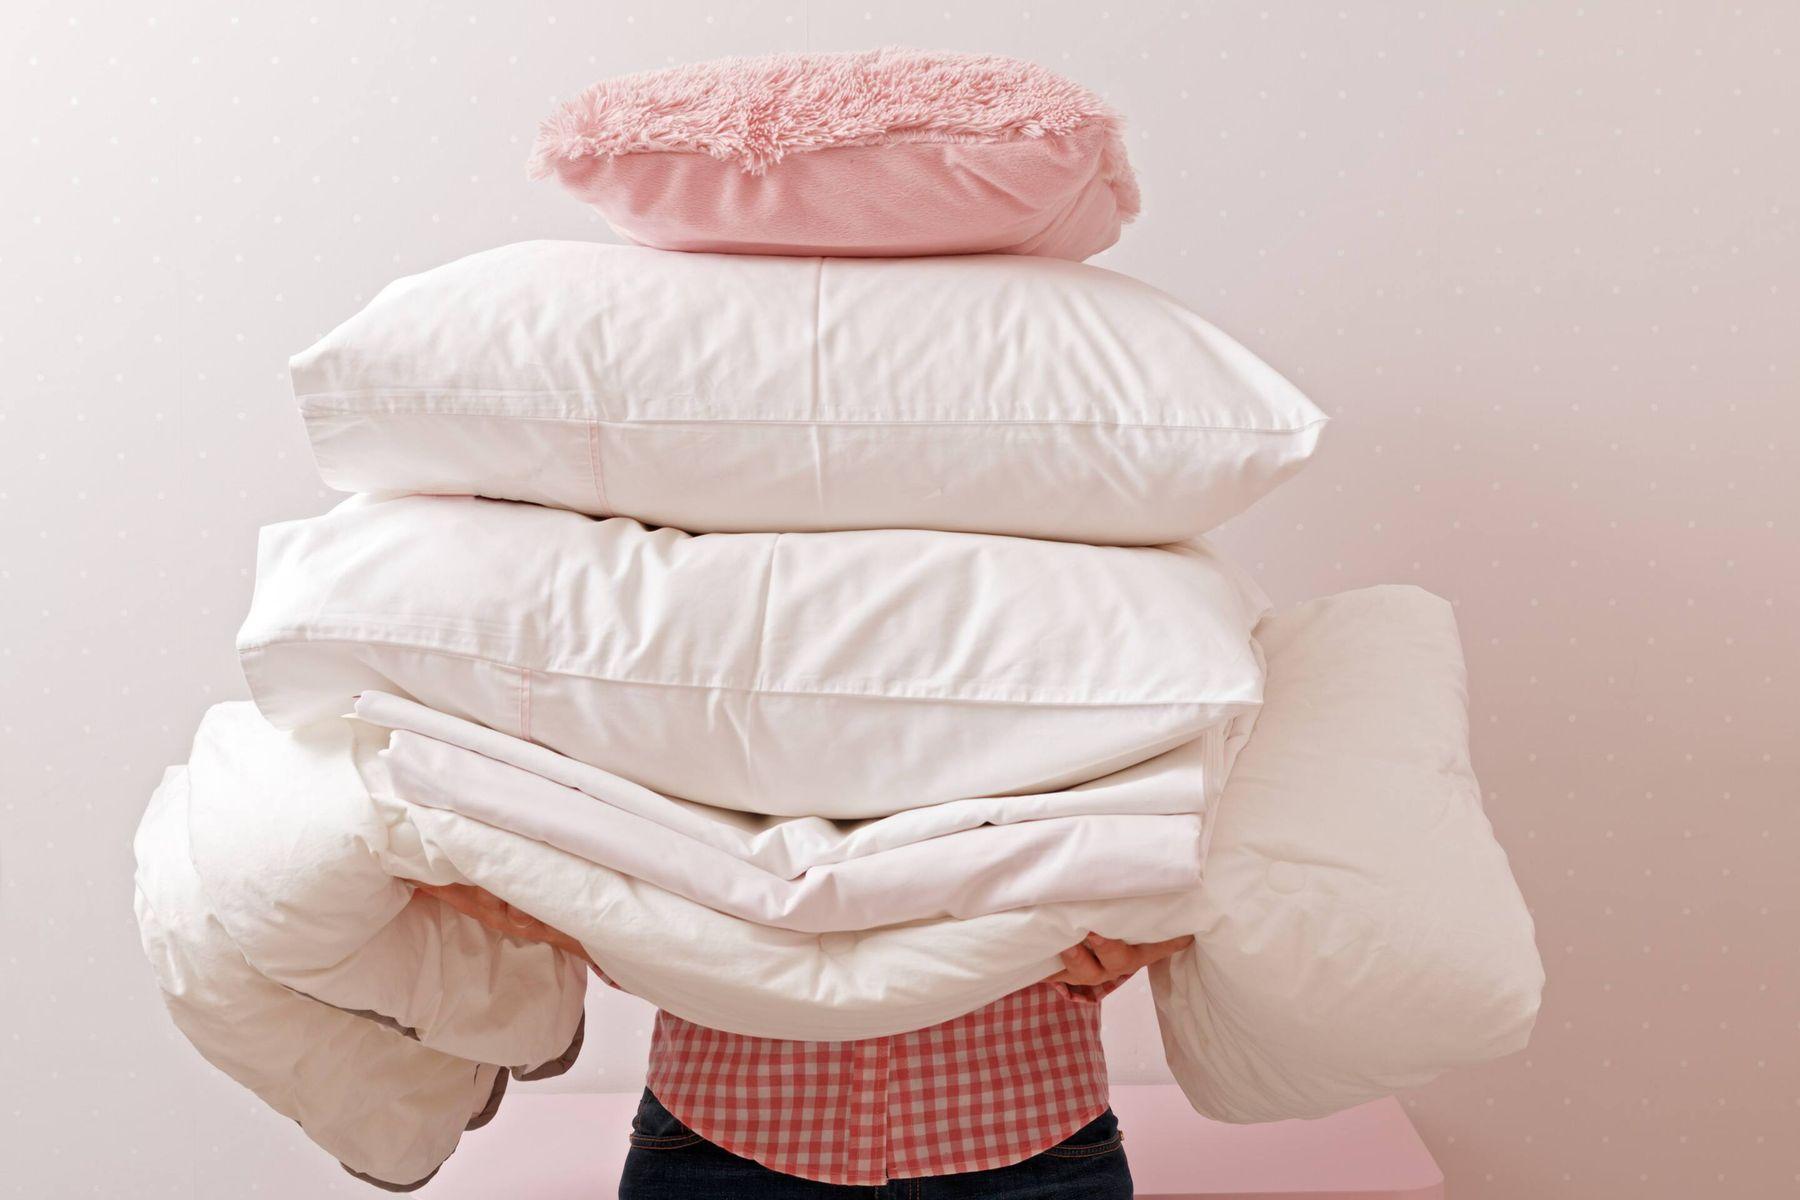 Hãy chọn chế độ giặt vắt nhẹ khi giặt gối bằng máy giặt để hạn chế làm hư hỏng chất lượng gối